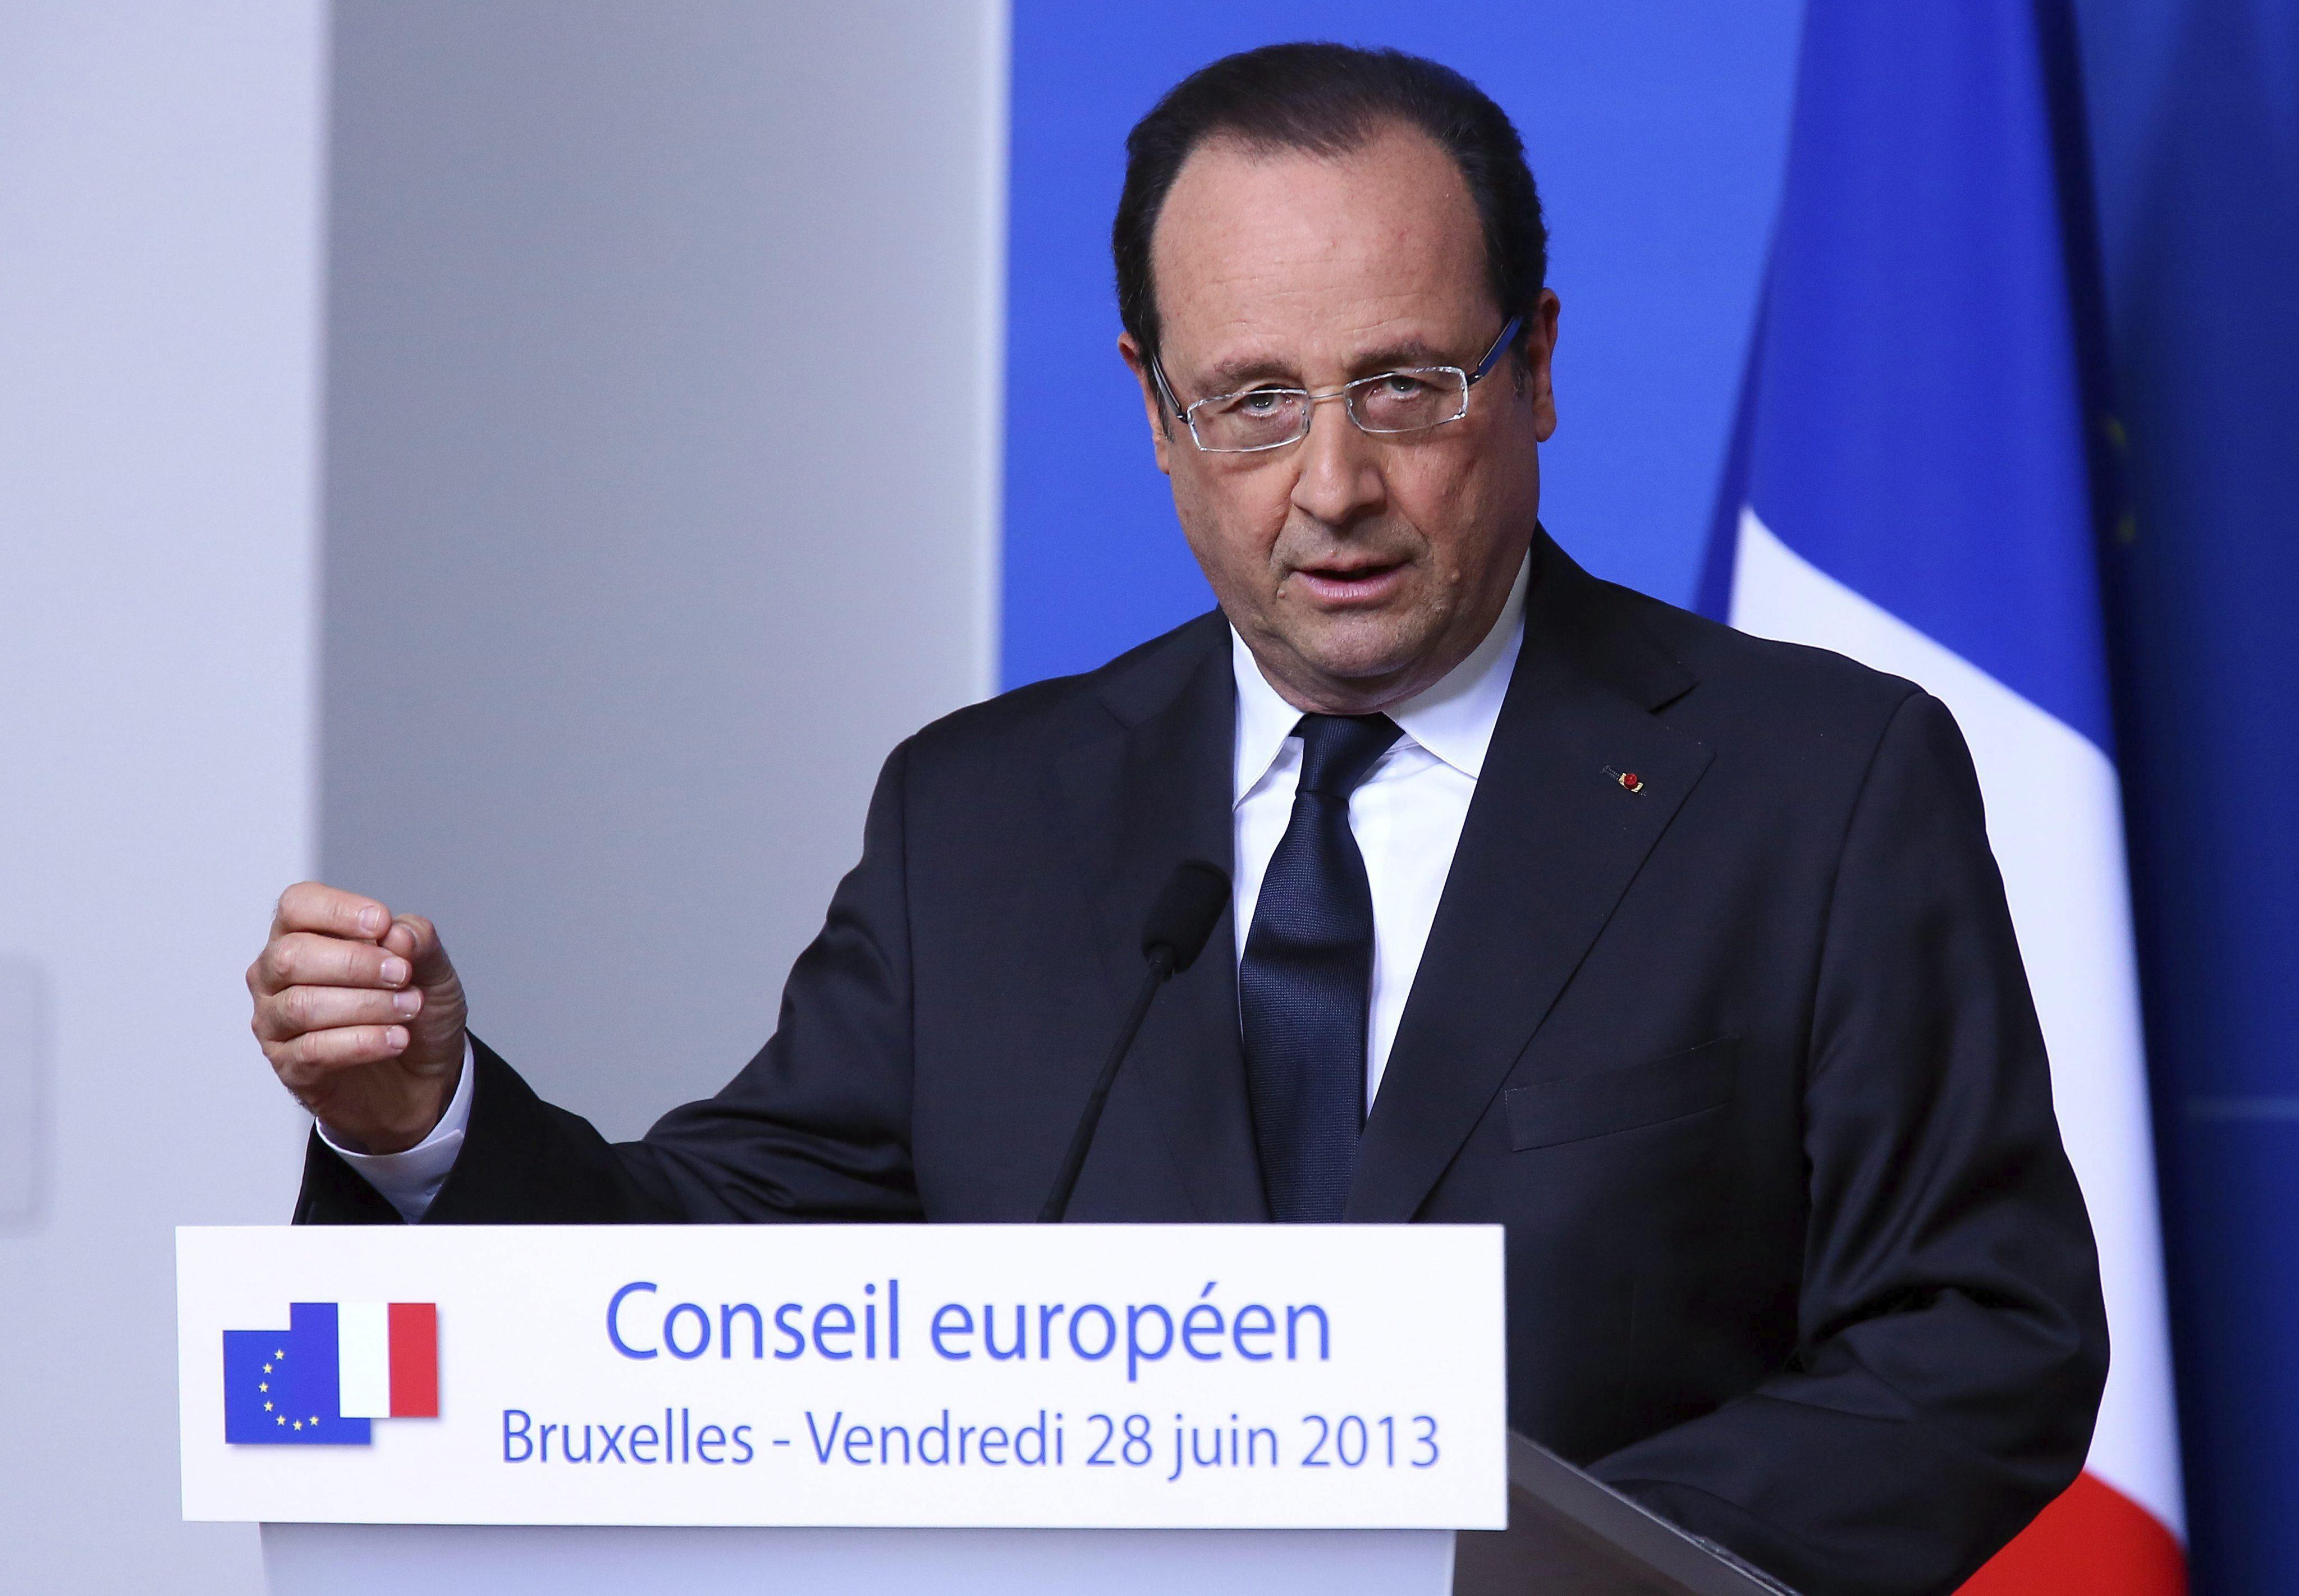 Italia advierte de que si EEUU espió a Europa, las relaciones quedarán afectadas